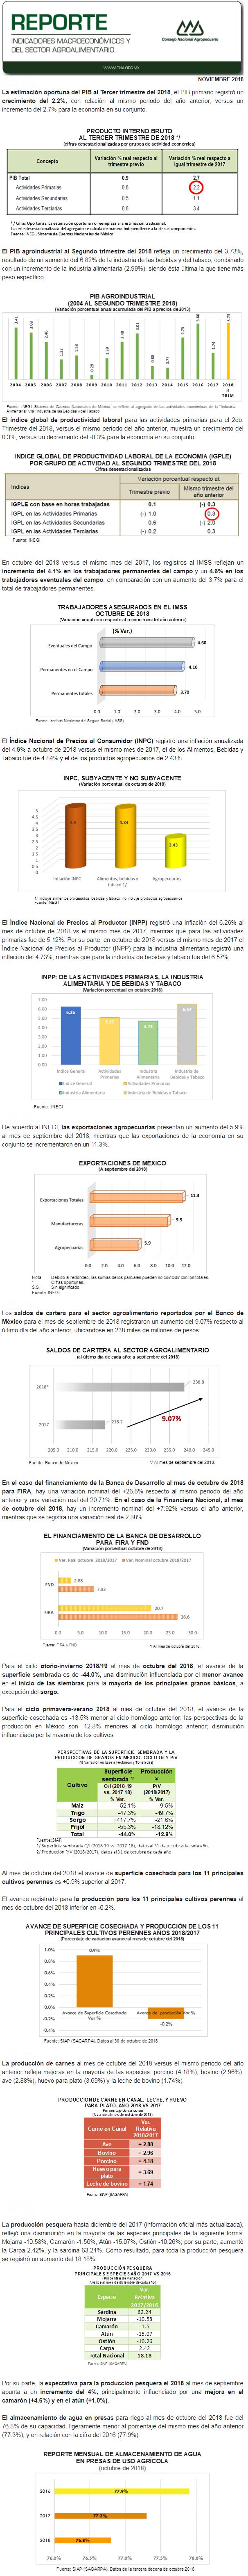 REPORTE DE INDICADORES MACROECONÓMICOS Y SECTORIALES NOVIEMBRE 2018